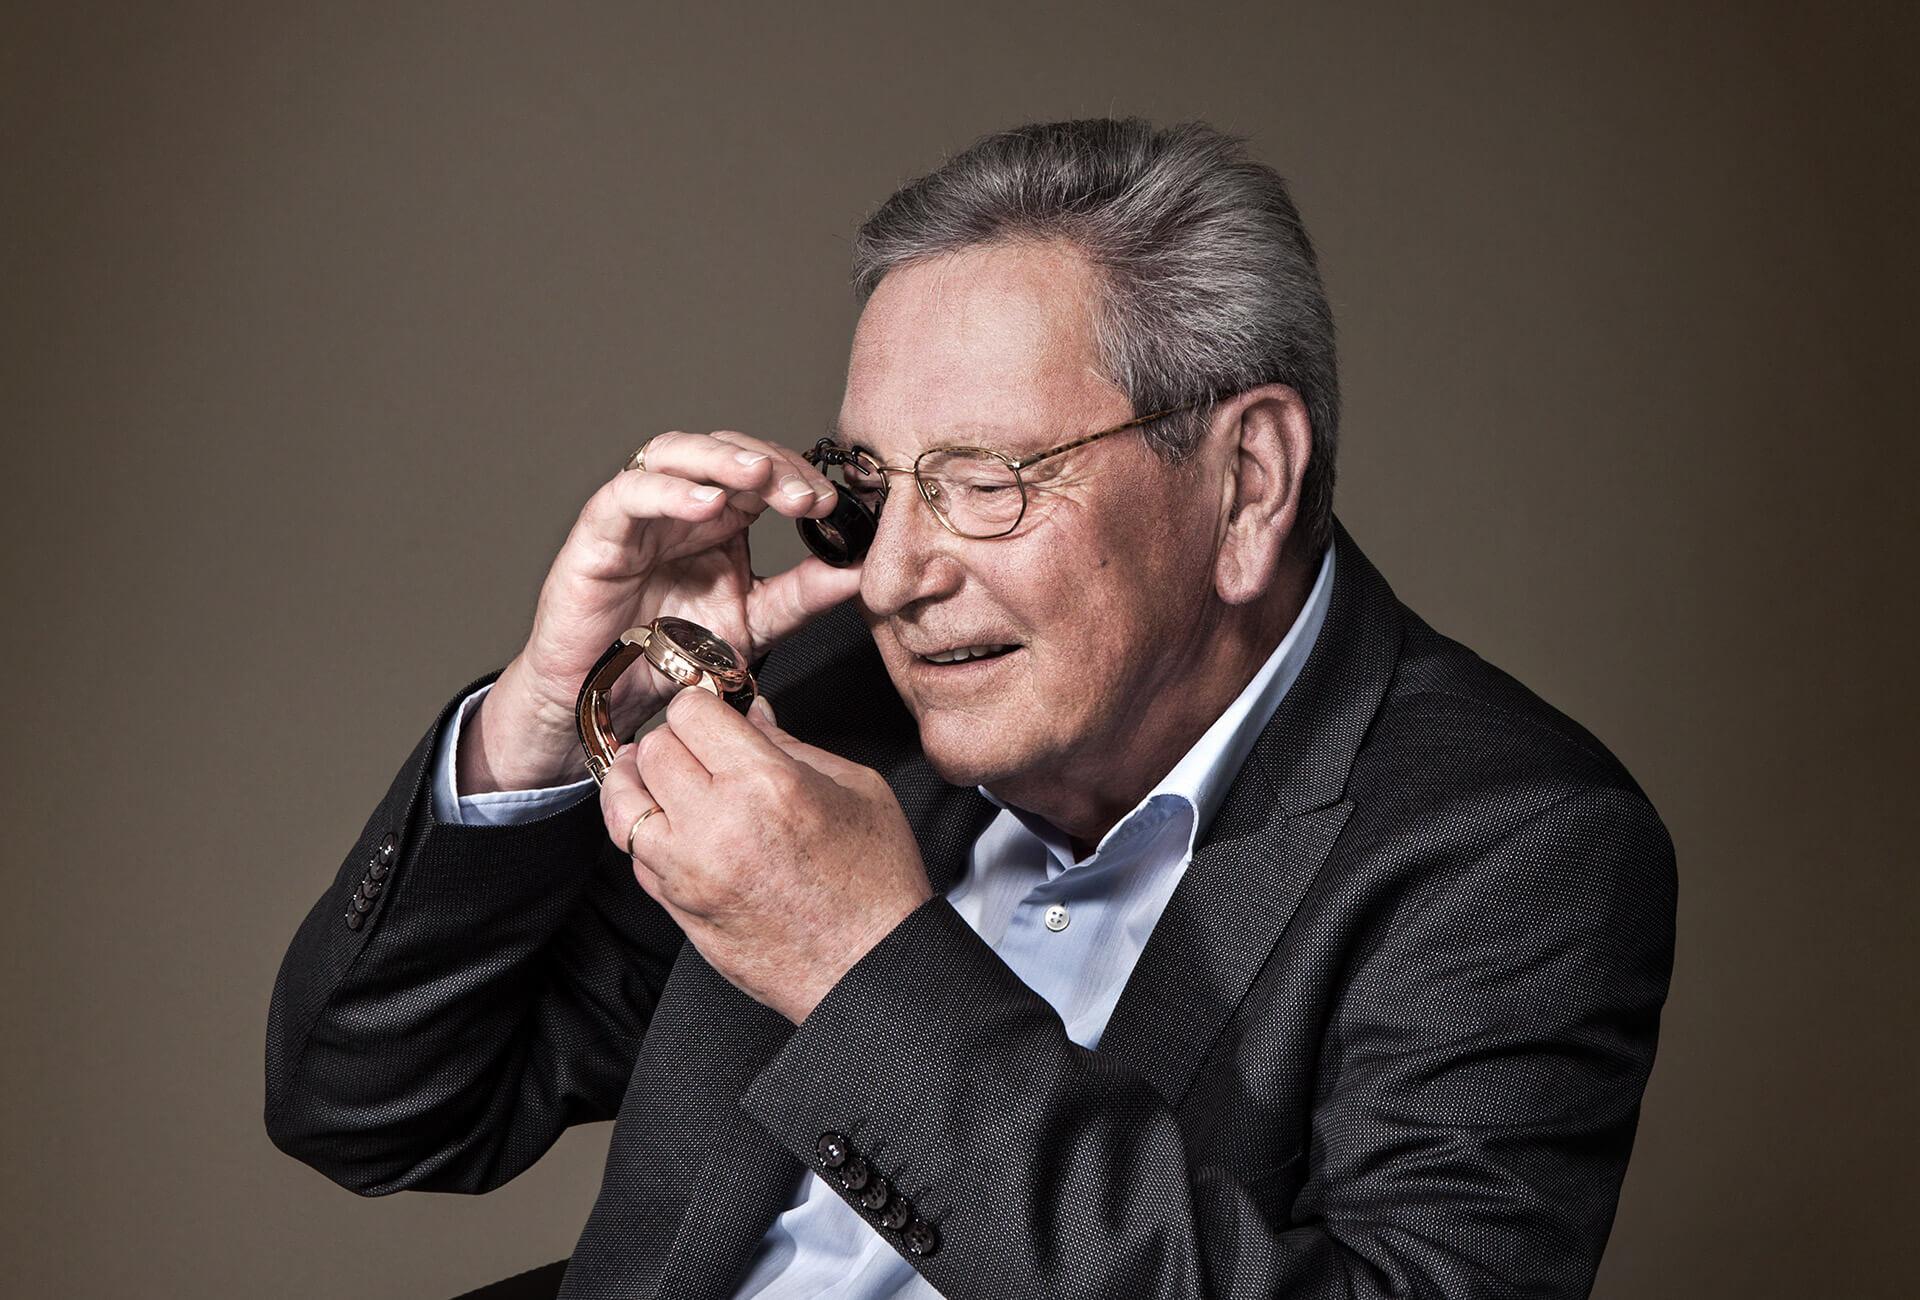 רוג'ר דובואי – יצרן השעונים שמכר את השם שלו.